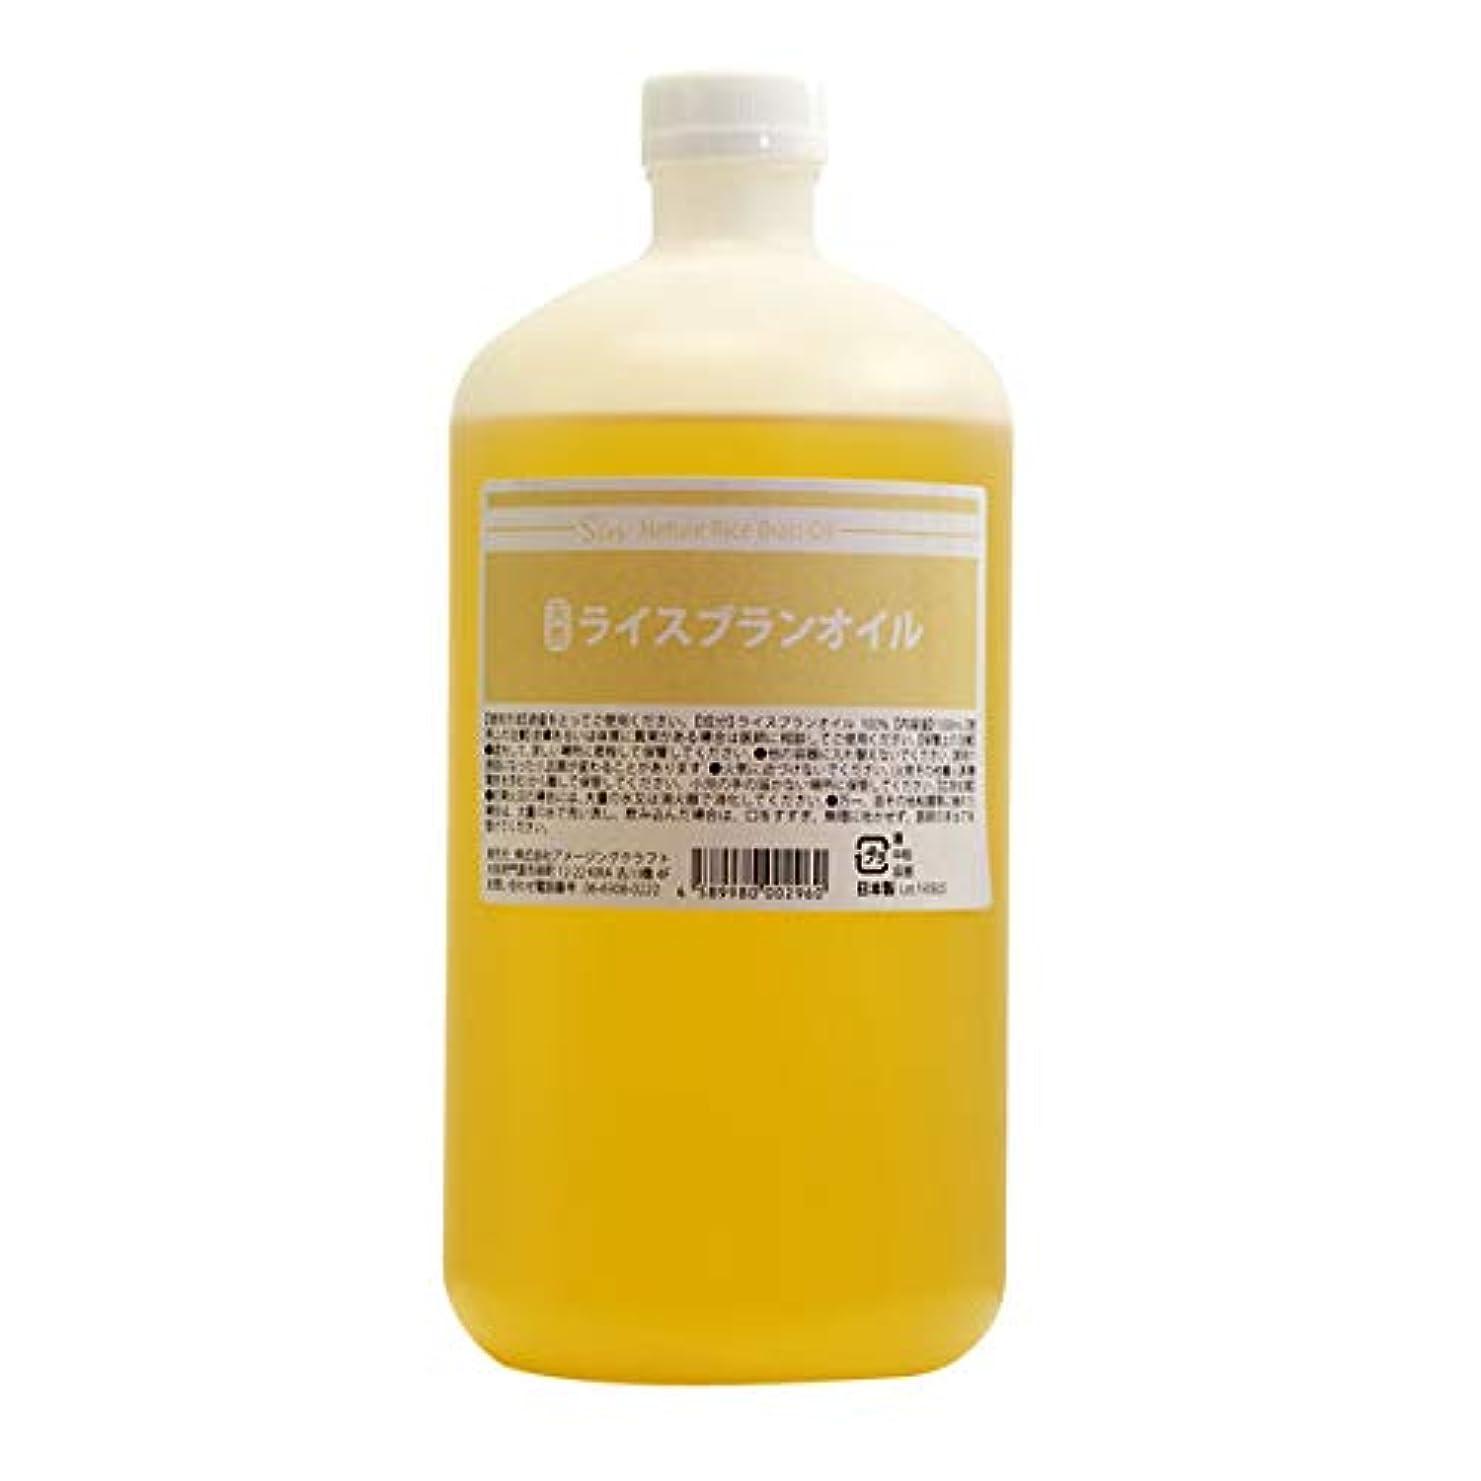 記憶に残る先部分国内精製 ライスブランオイル 1000ml (1L)